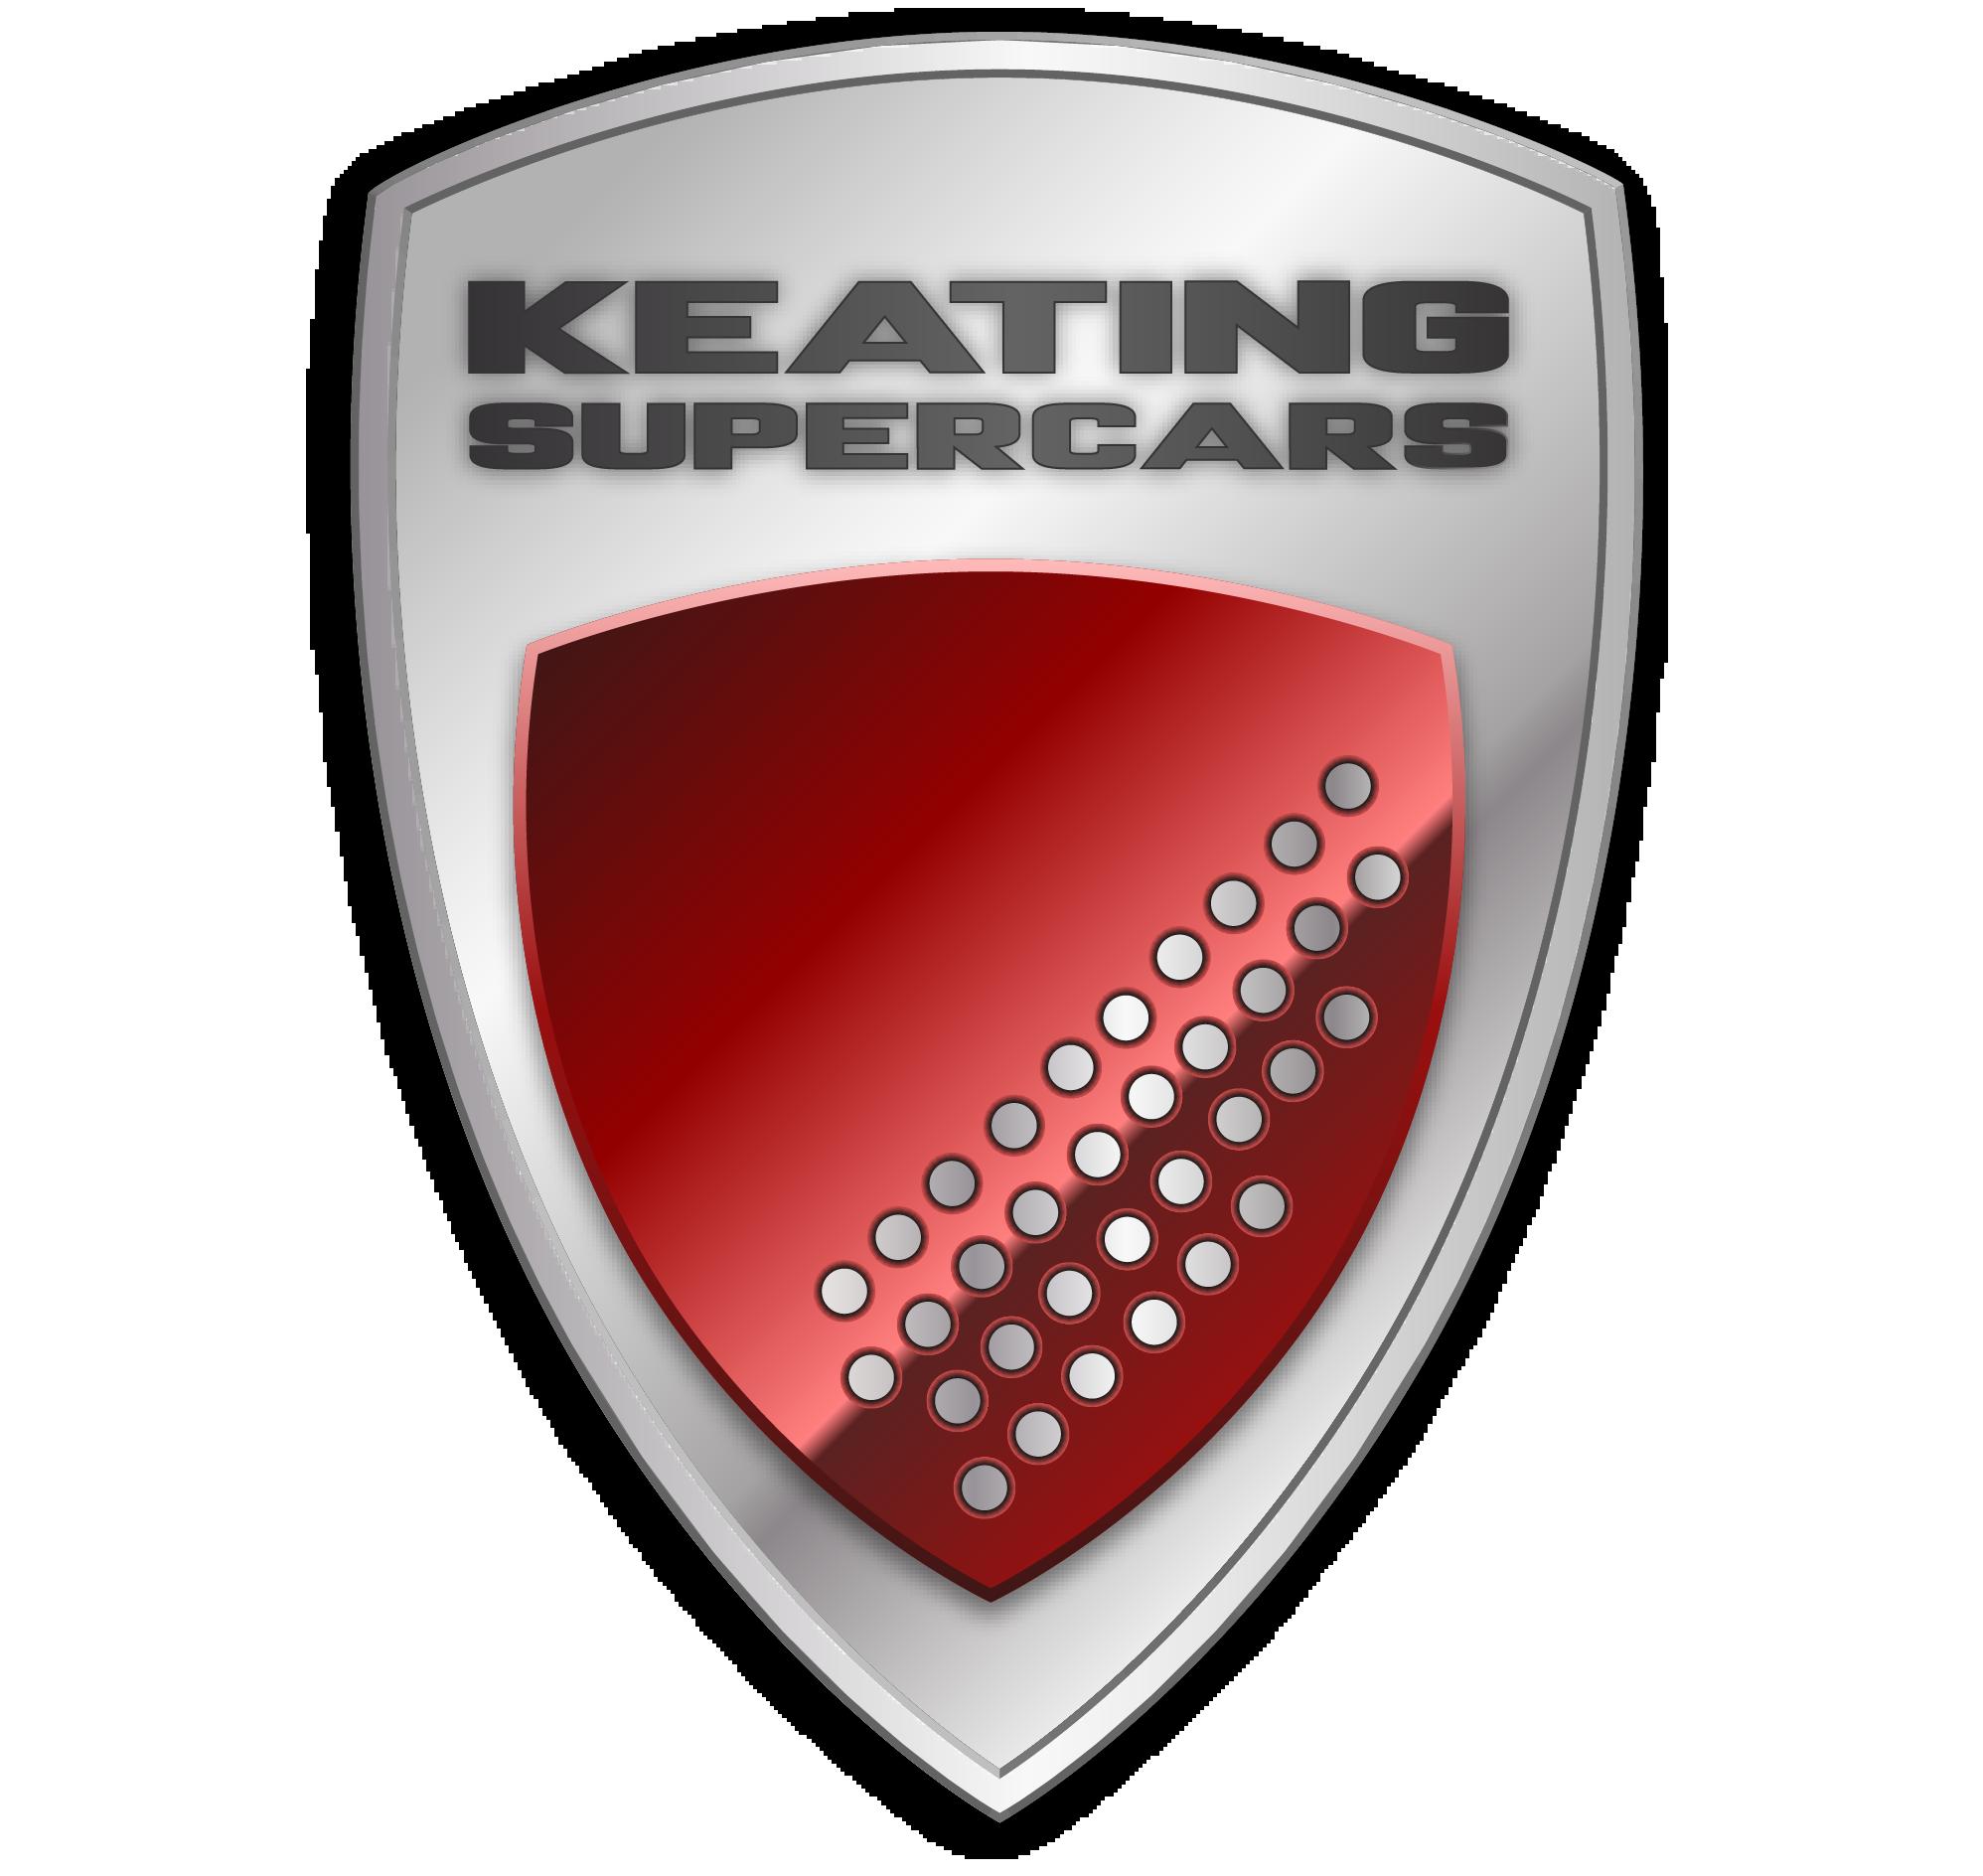 Keating Supercars